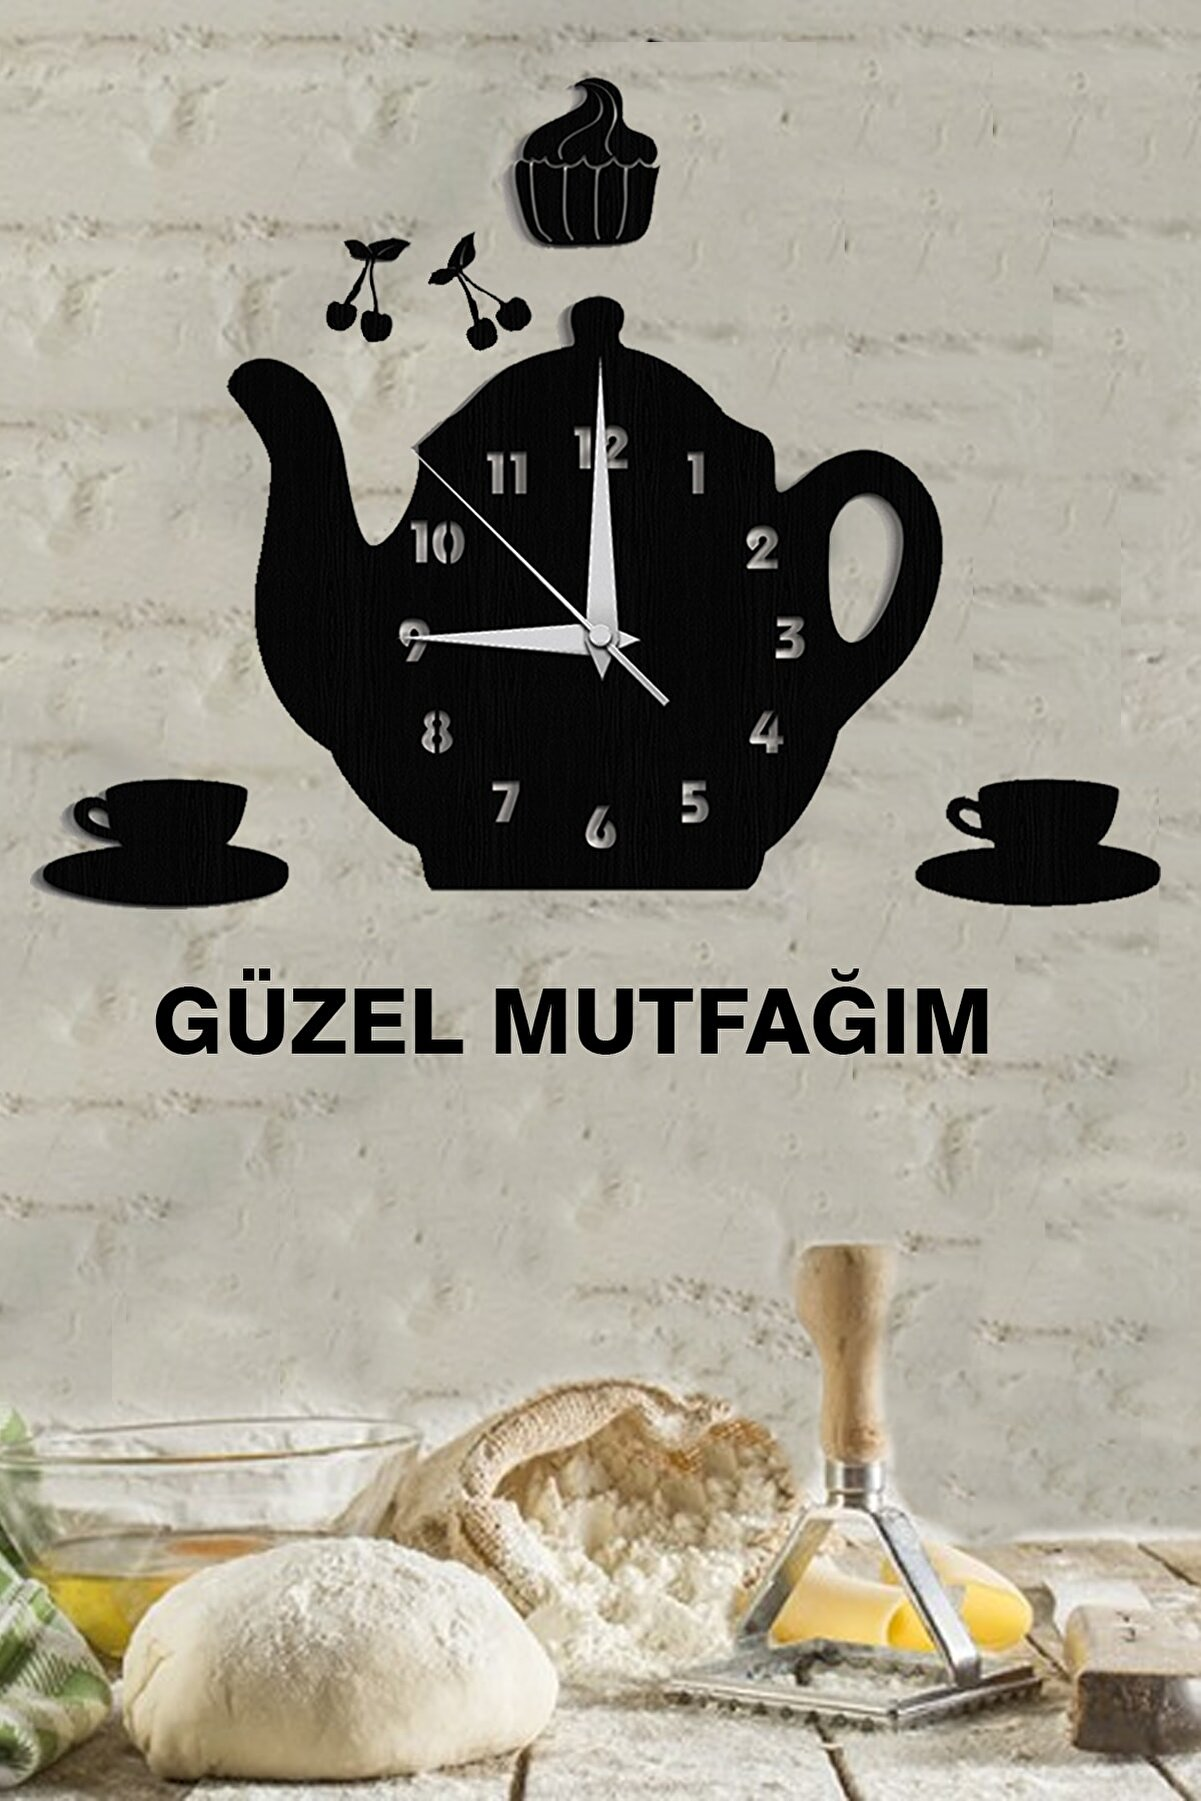 Hayveys Duvar Dekoru Çaydanlıklı Saat Güzel Mutfağım